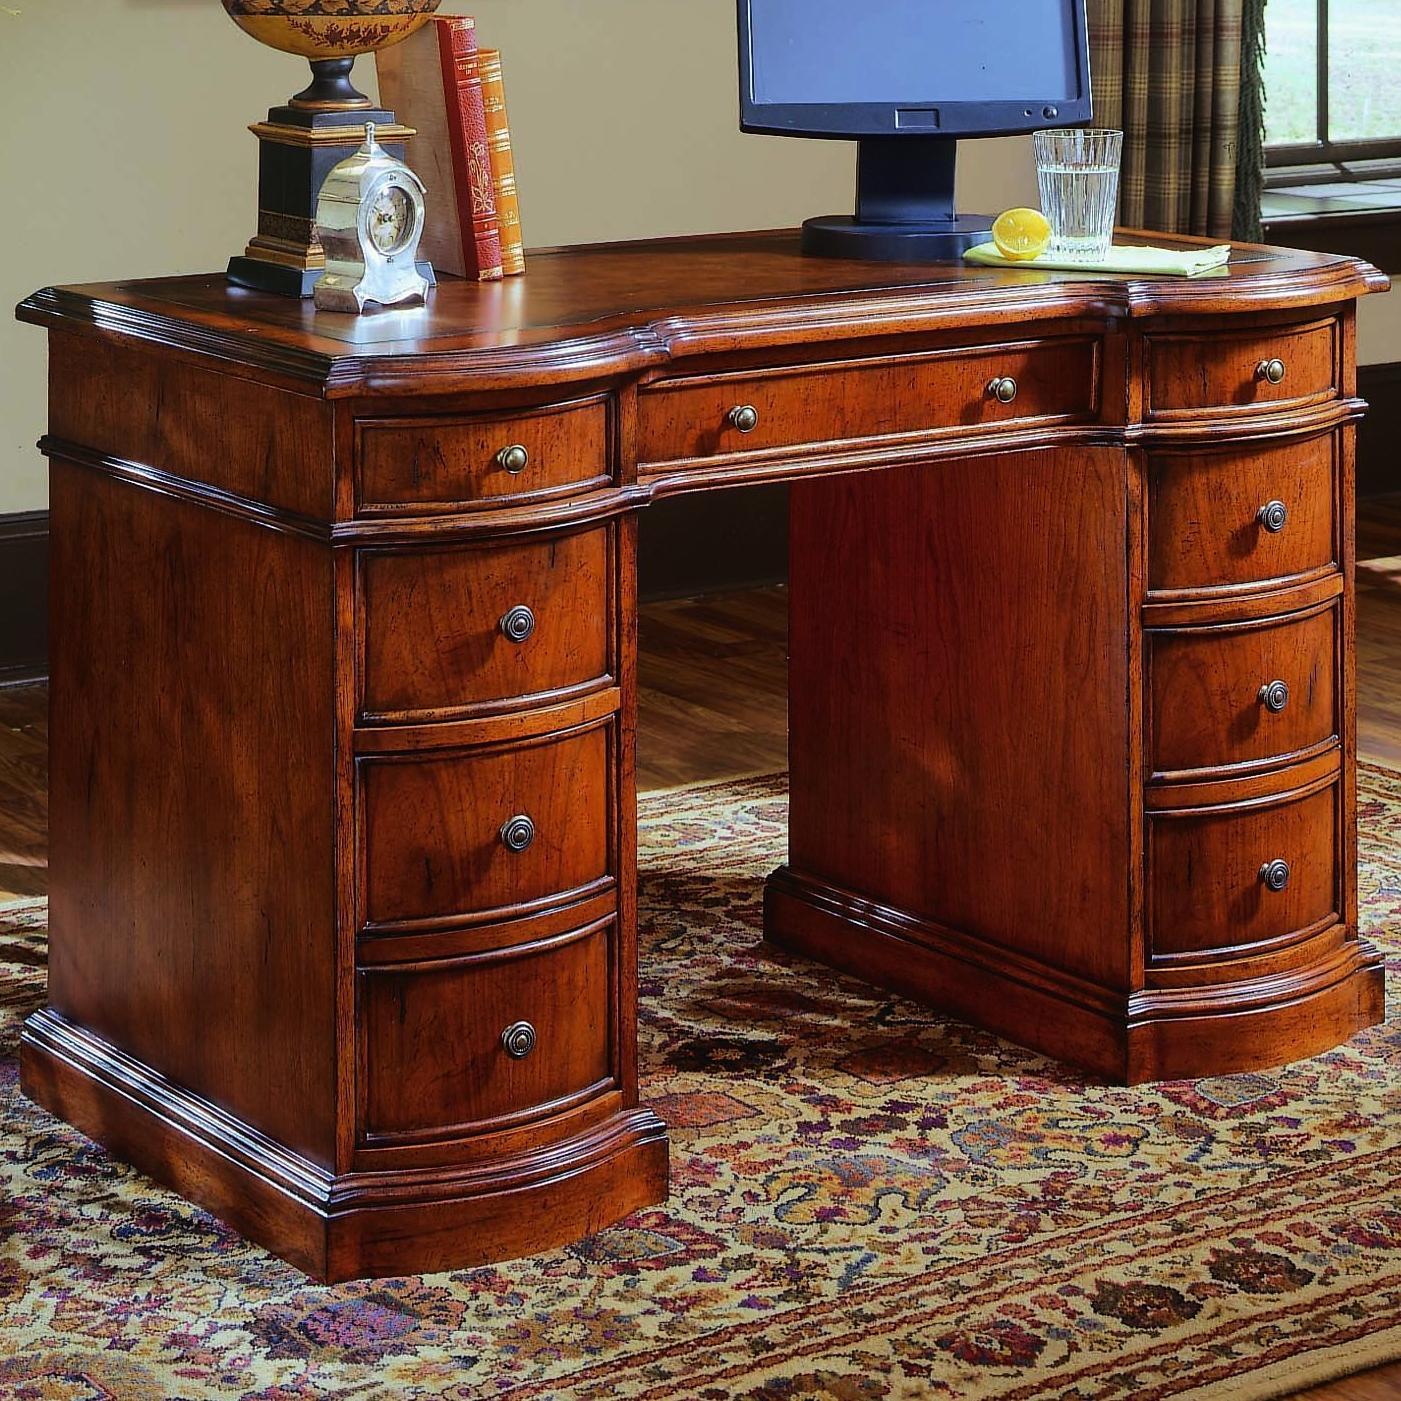 Small Knee-Hole Desks Knee Hole Desk by Hooker Furniture at Baer's Furniture